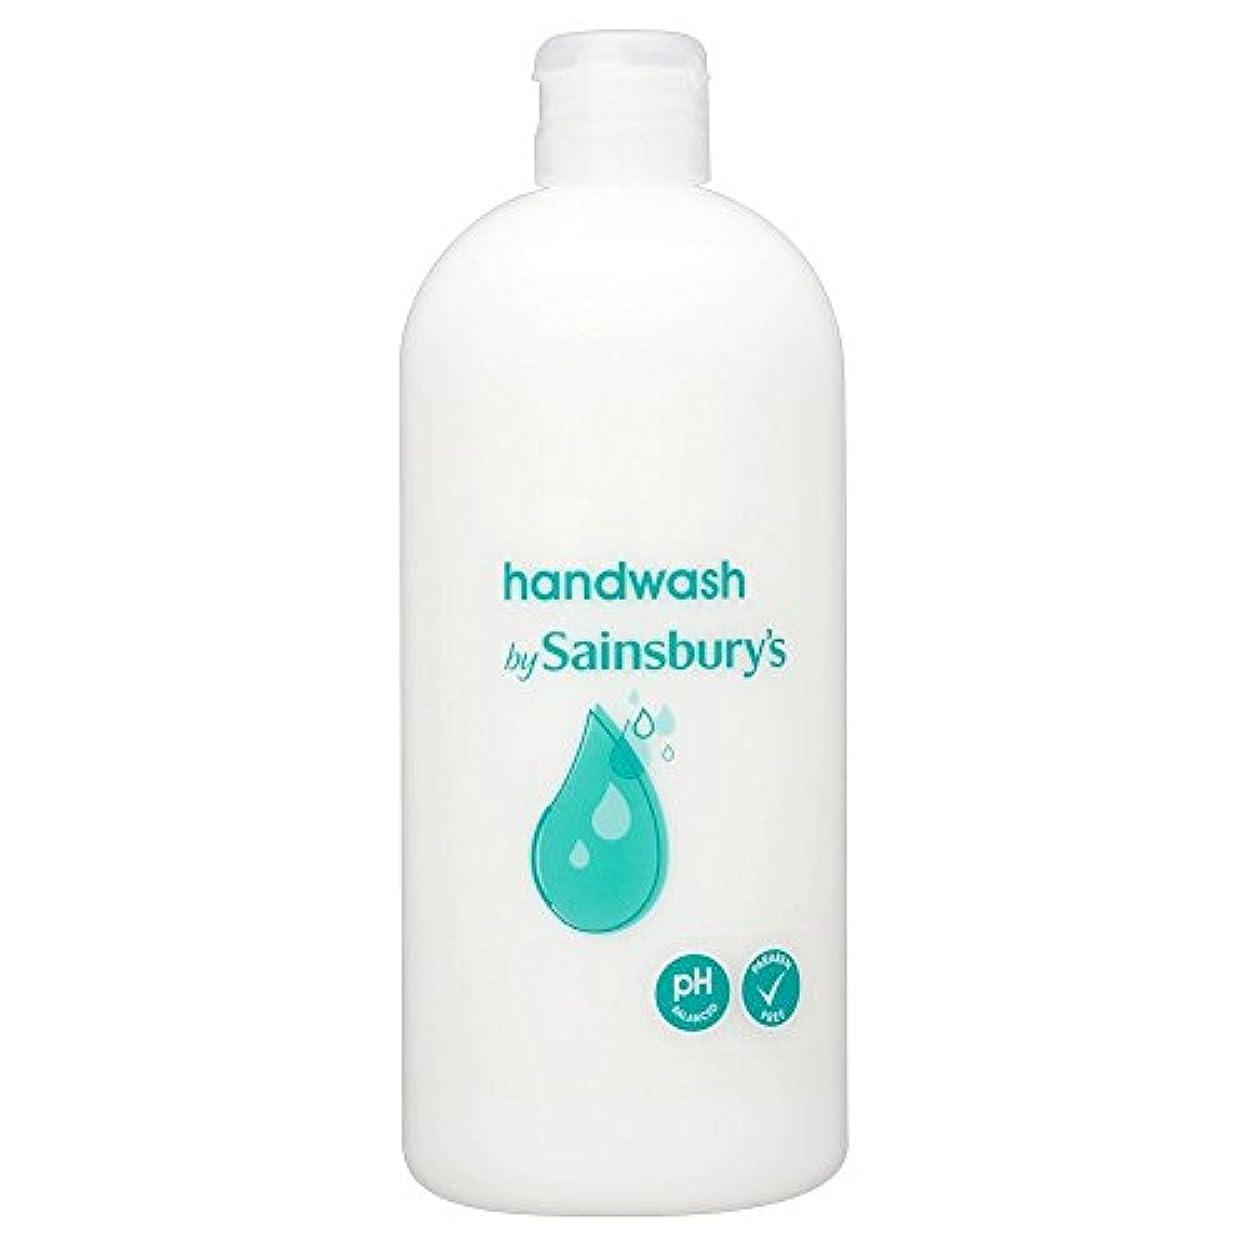 チャップ遠征注ぎますSainsbury's Handwash, White Refill 500ml (Pack of 4) - (Sainsbury's) 手洗い、白リフィル500ミリリットル (x4) [並行輸入品]